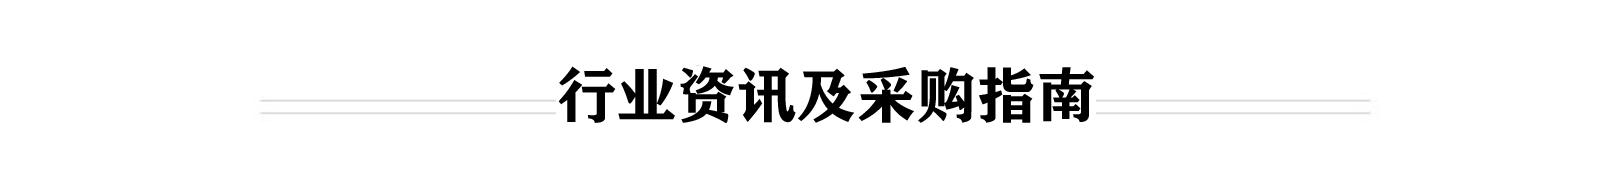 河bei球tan体育app官方xia载化粪池厂jia直销